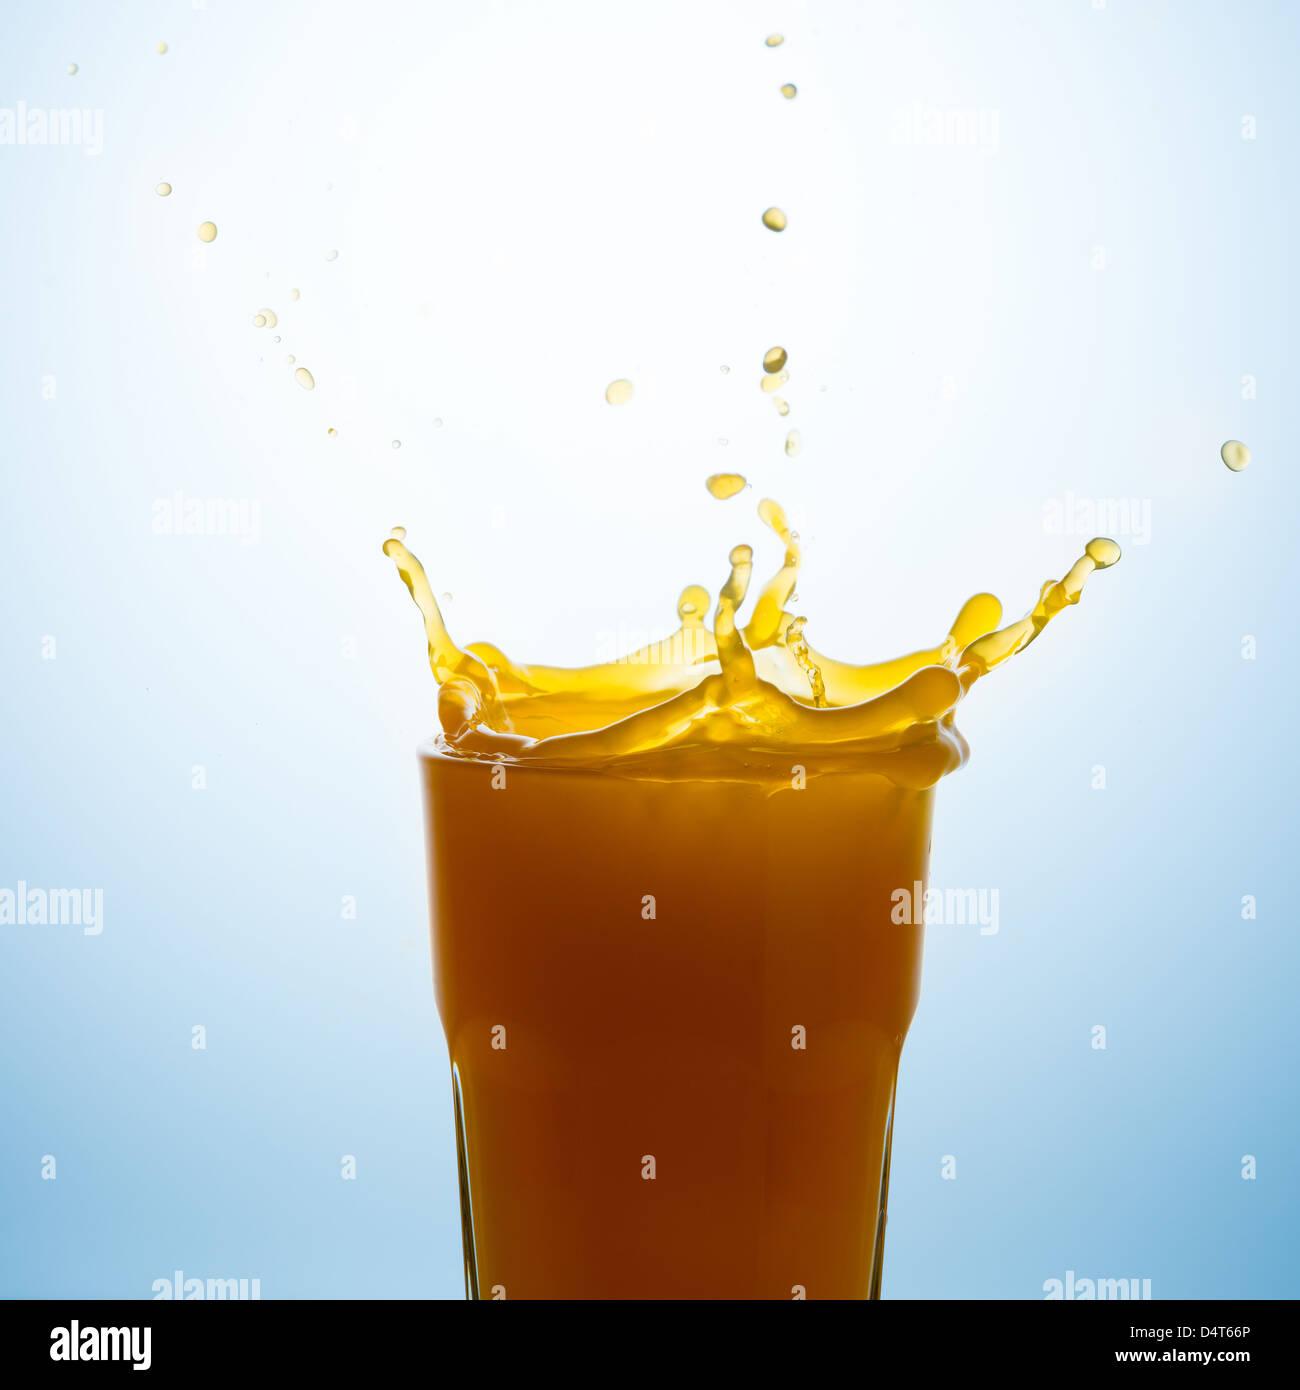 Spritzer auf ein Glas Orangensaft vor einem blauen Hintergrund Stockbild